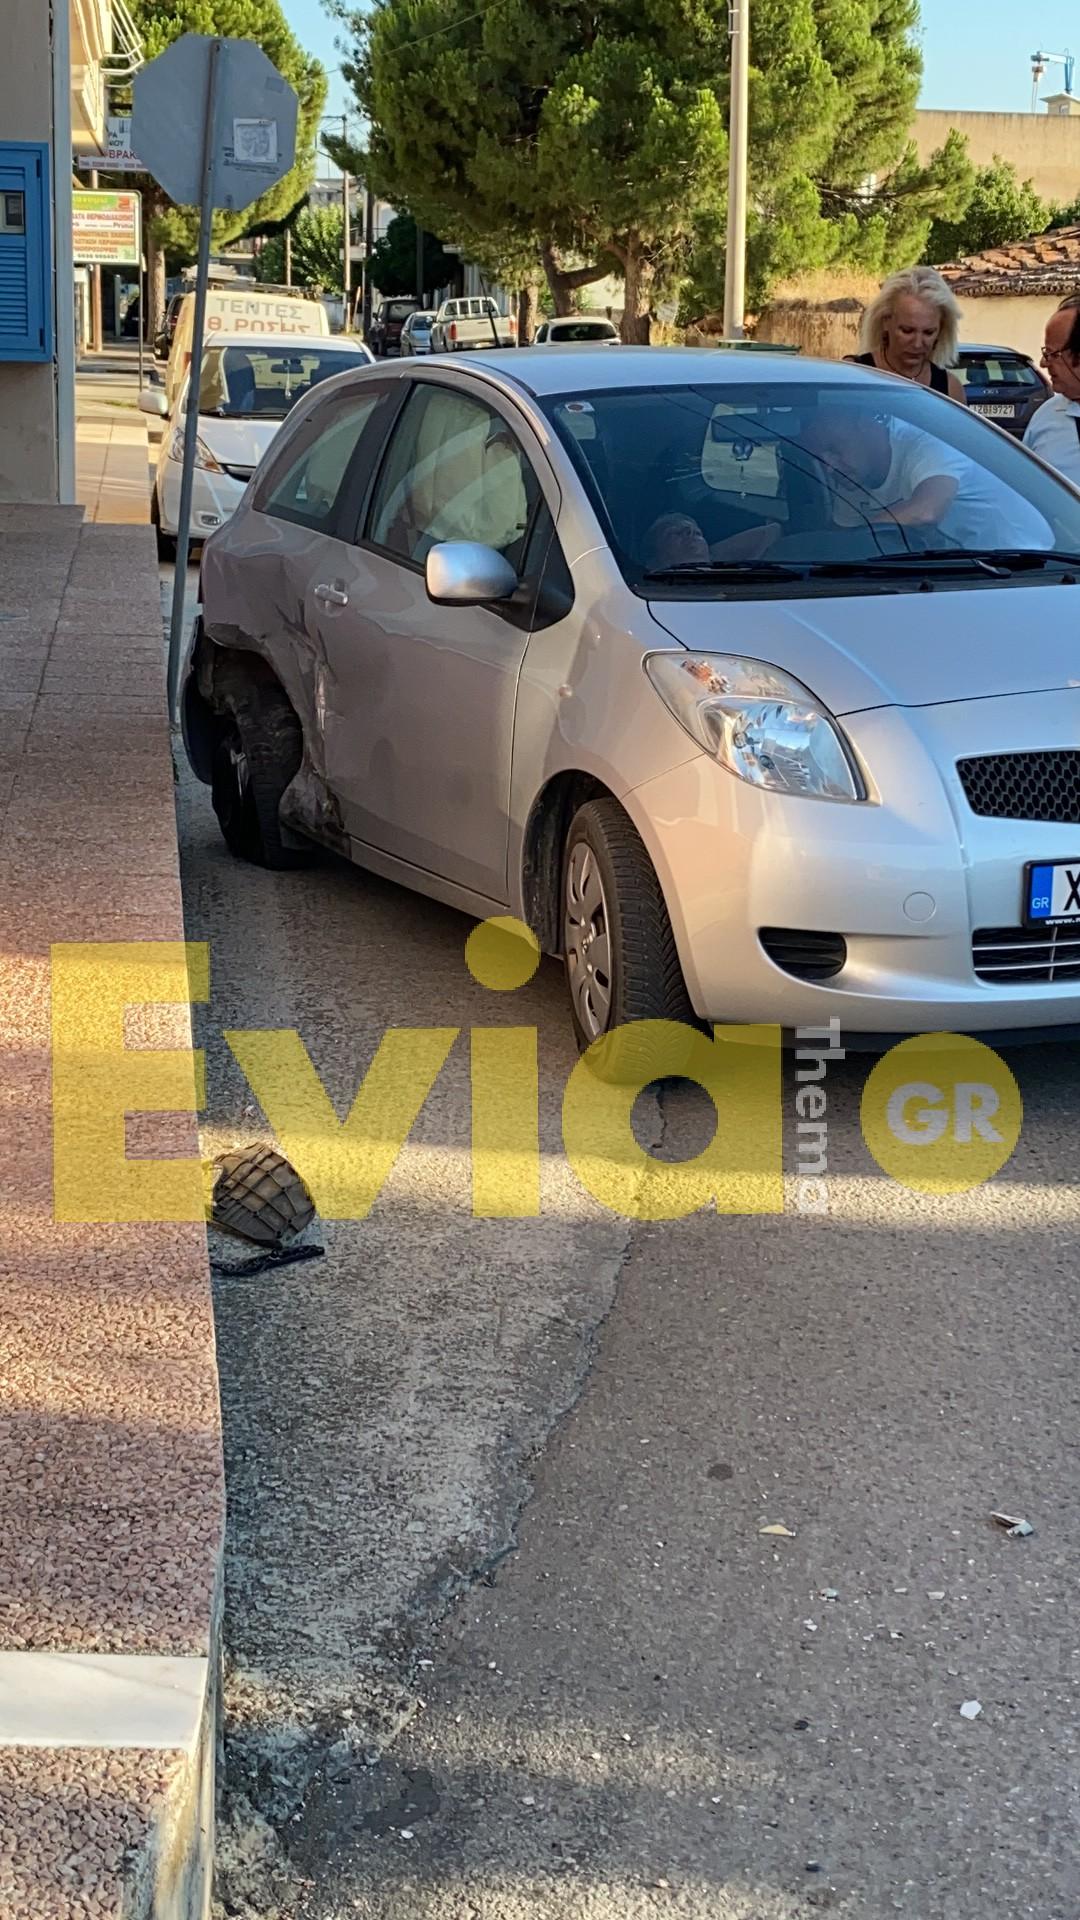 , Εύβοια: Τροχαίο ατύχημα το απόγευμα Τετάρτης στον περιφερειακό δρόμο της Ερέτριας [ΦΩΤΟΓΡΑΦΙΕΣ], Eviathema.gr | ΕΥΒΟΙΑ ΝΕΑ - Νέα και ειδήσεις από όλη την Εύβοια